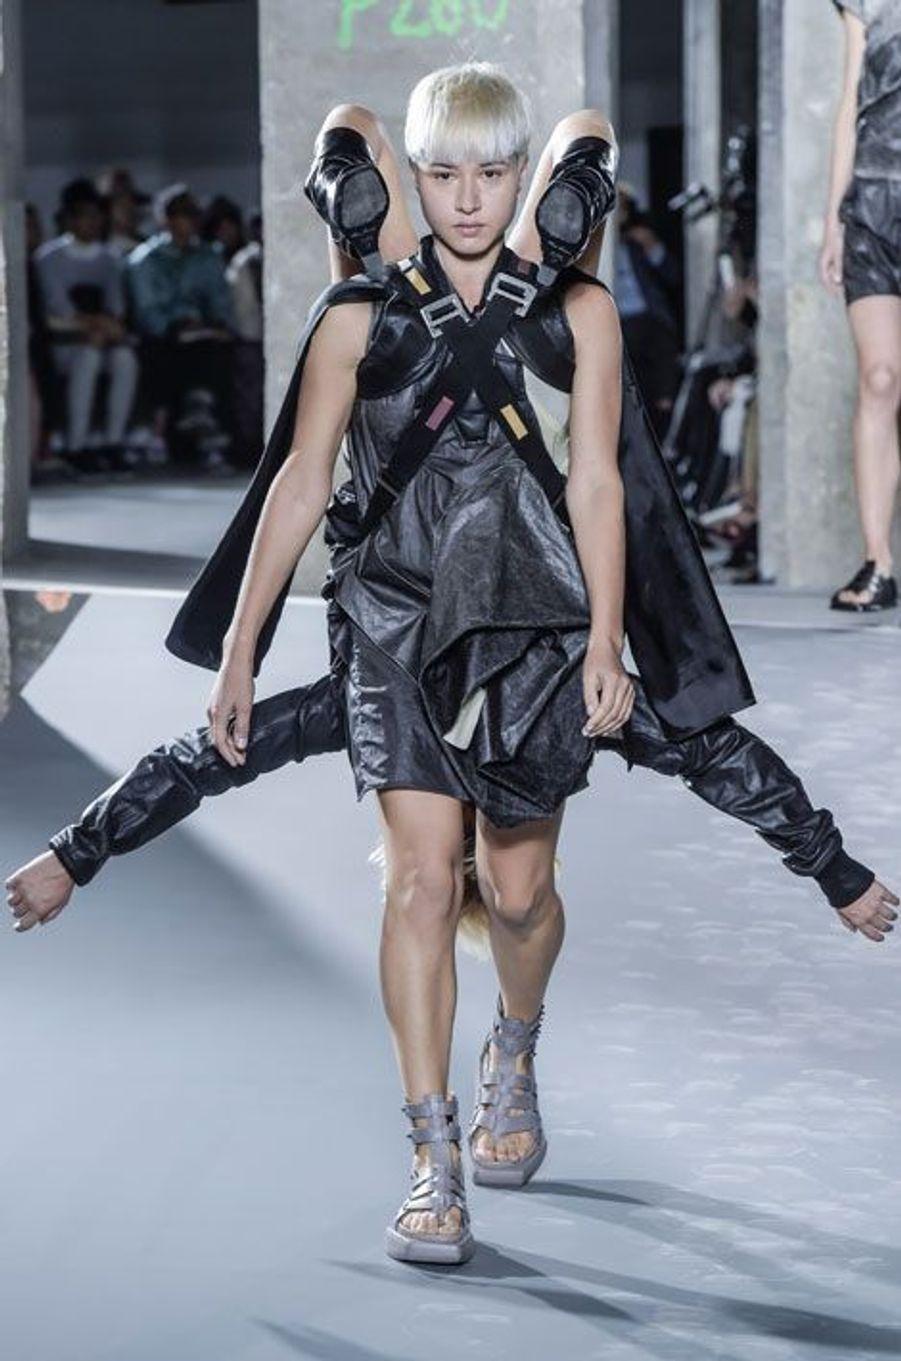 La nouvelle collection de Rick Owens, présentée lors de la Fashion week de Paris